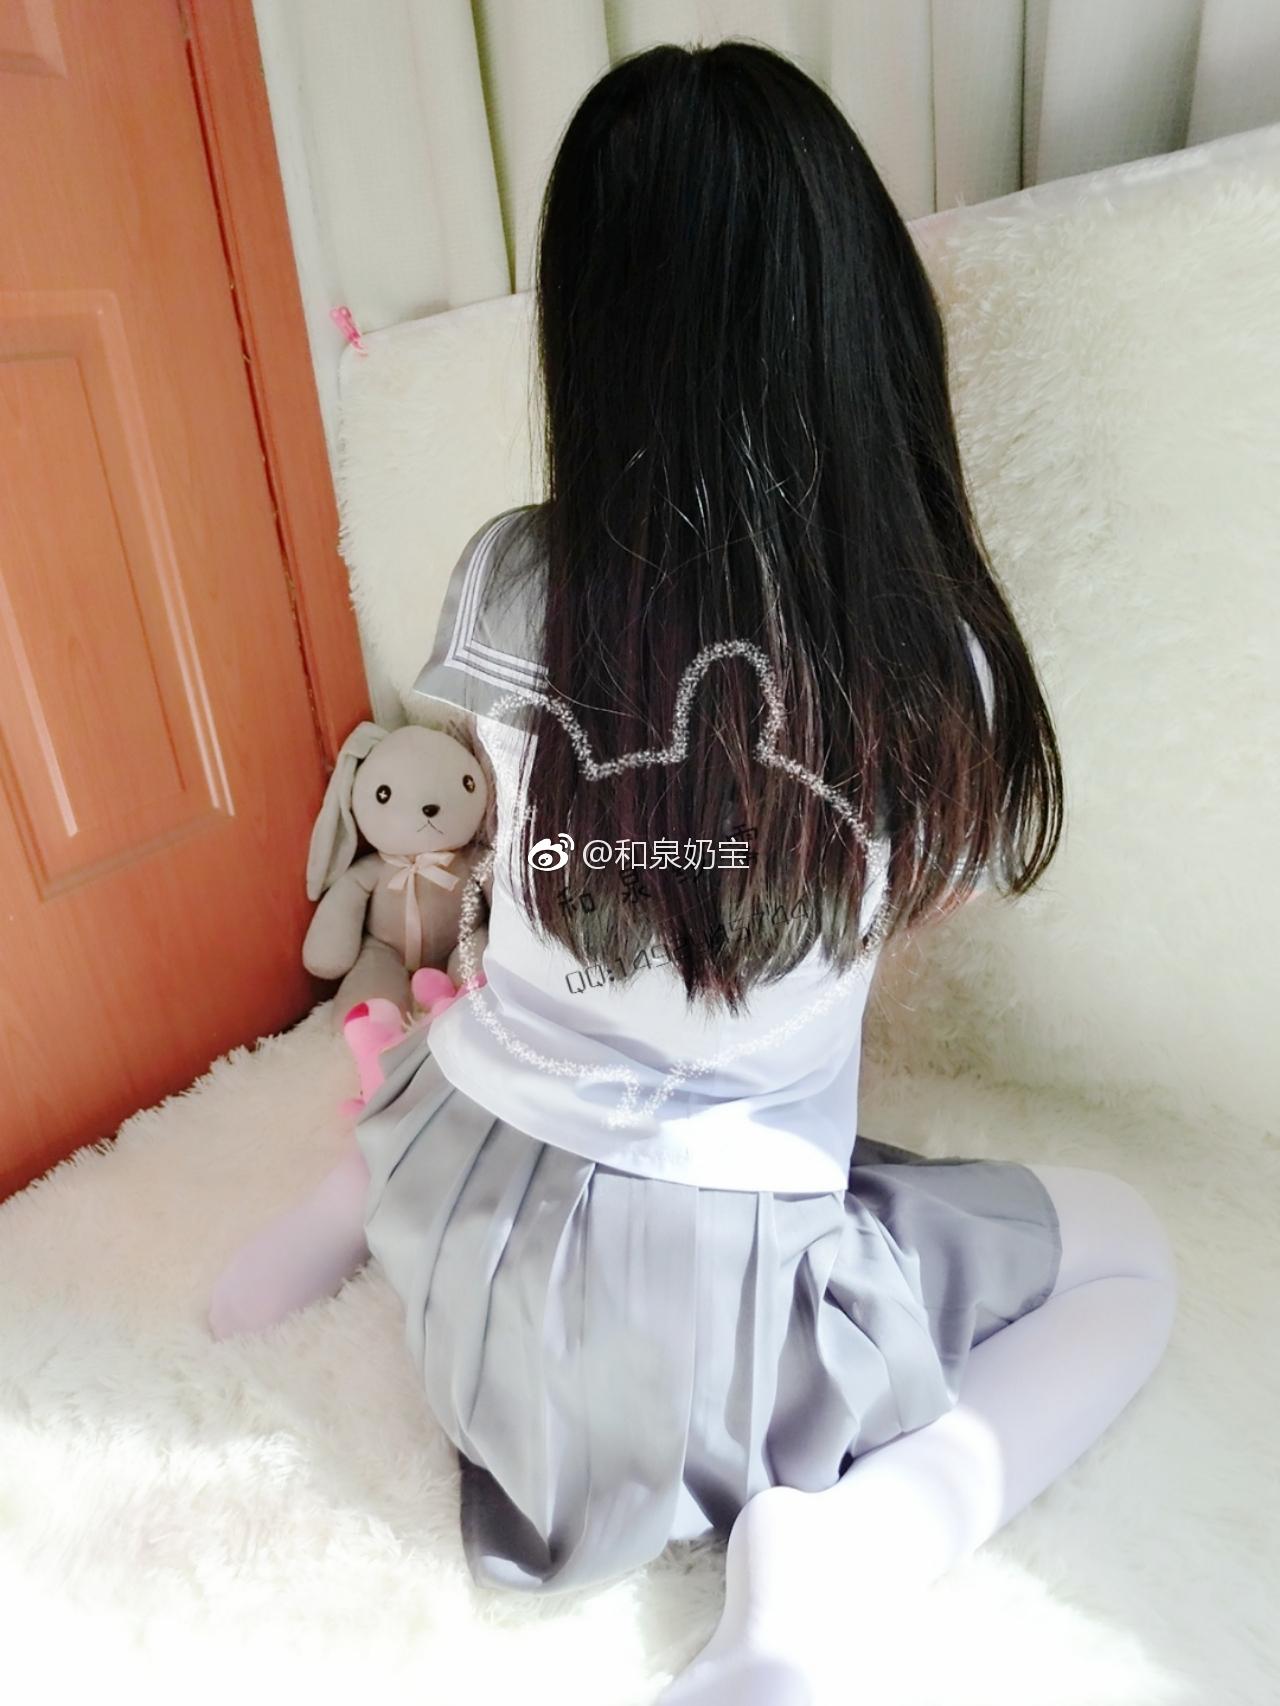 喜欢这个制服少女的白丝吗?(9P)